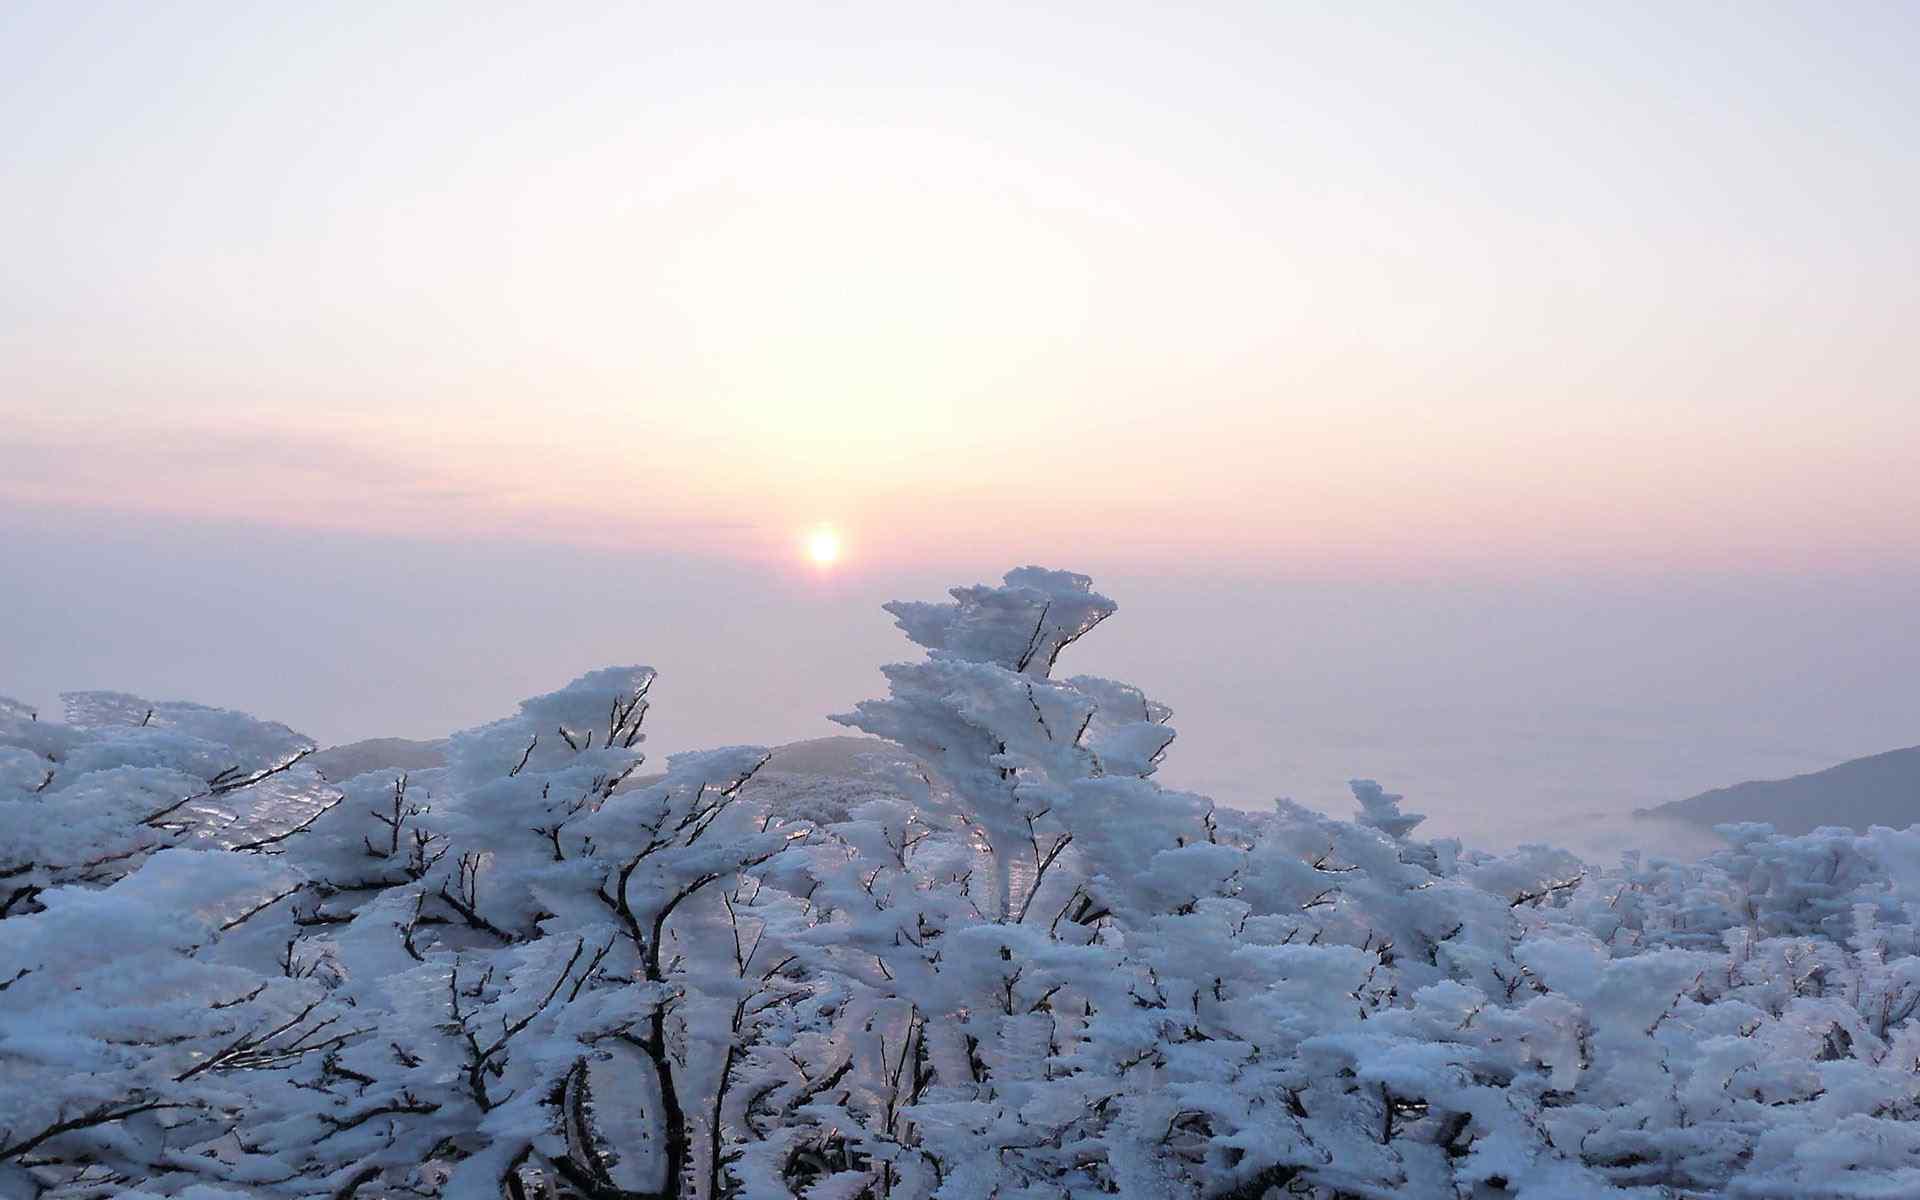 壁纸 风景壁纸 > 冬季唯美雪山景色高清图片桌面壁纸